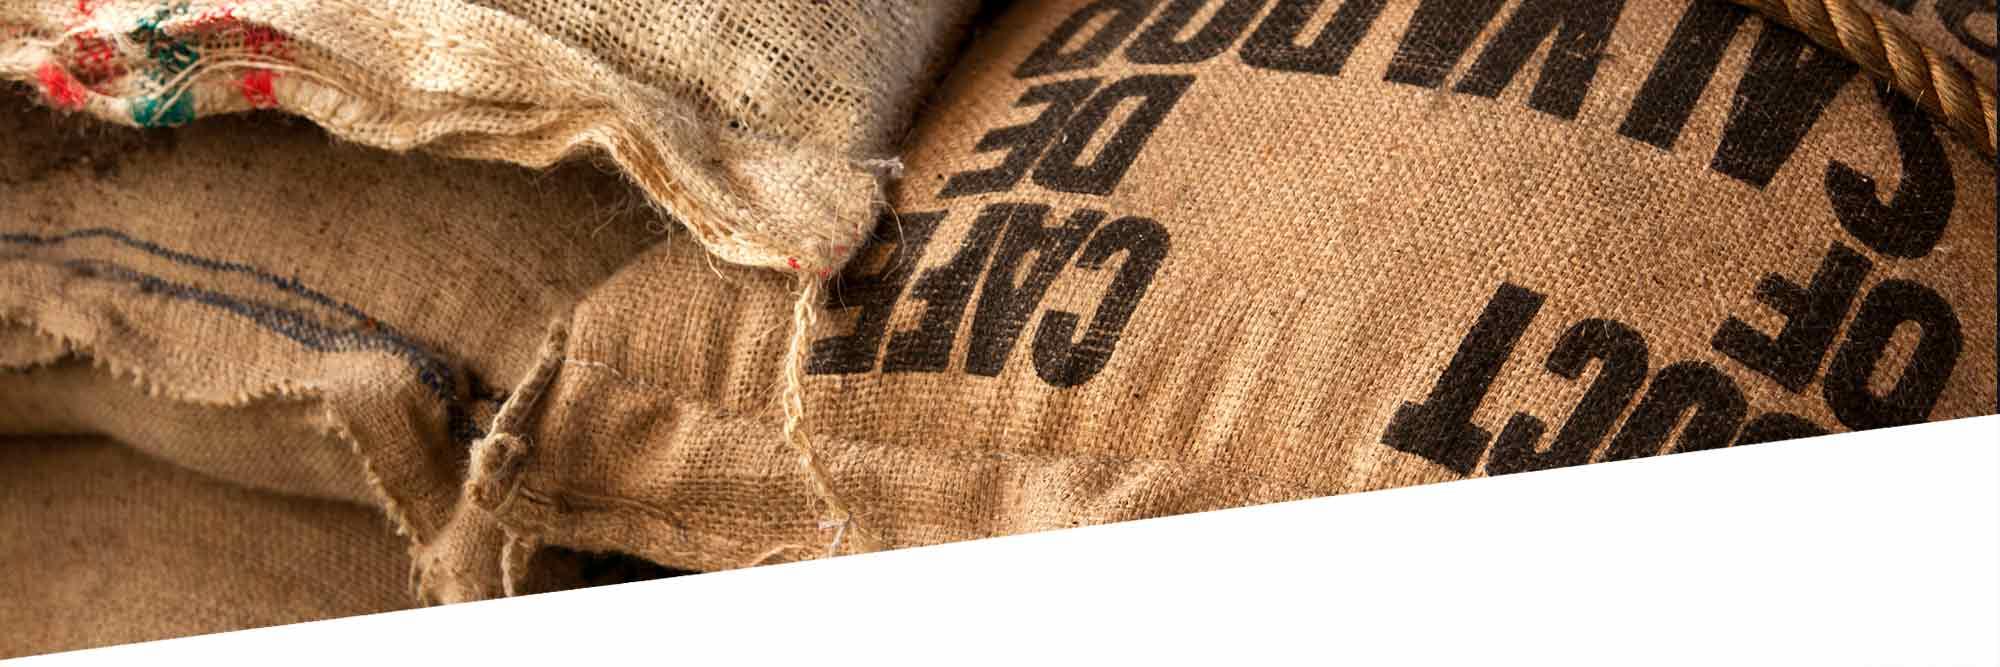 Kaffeebohnen in Säcken